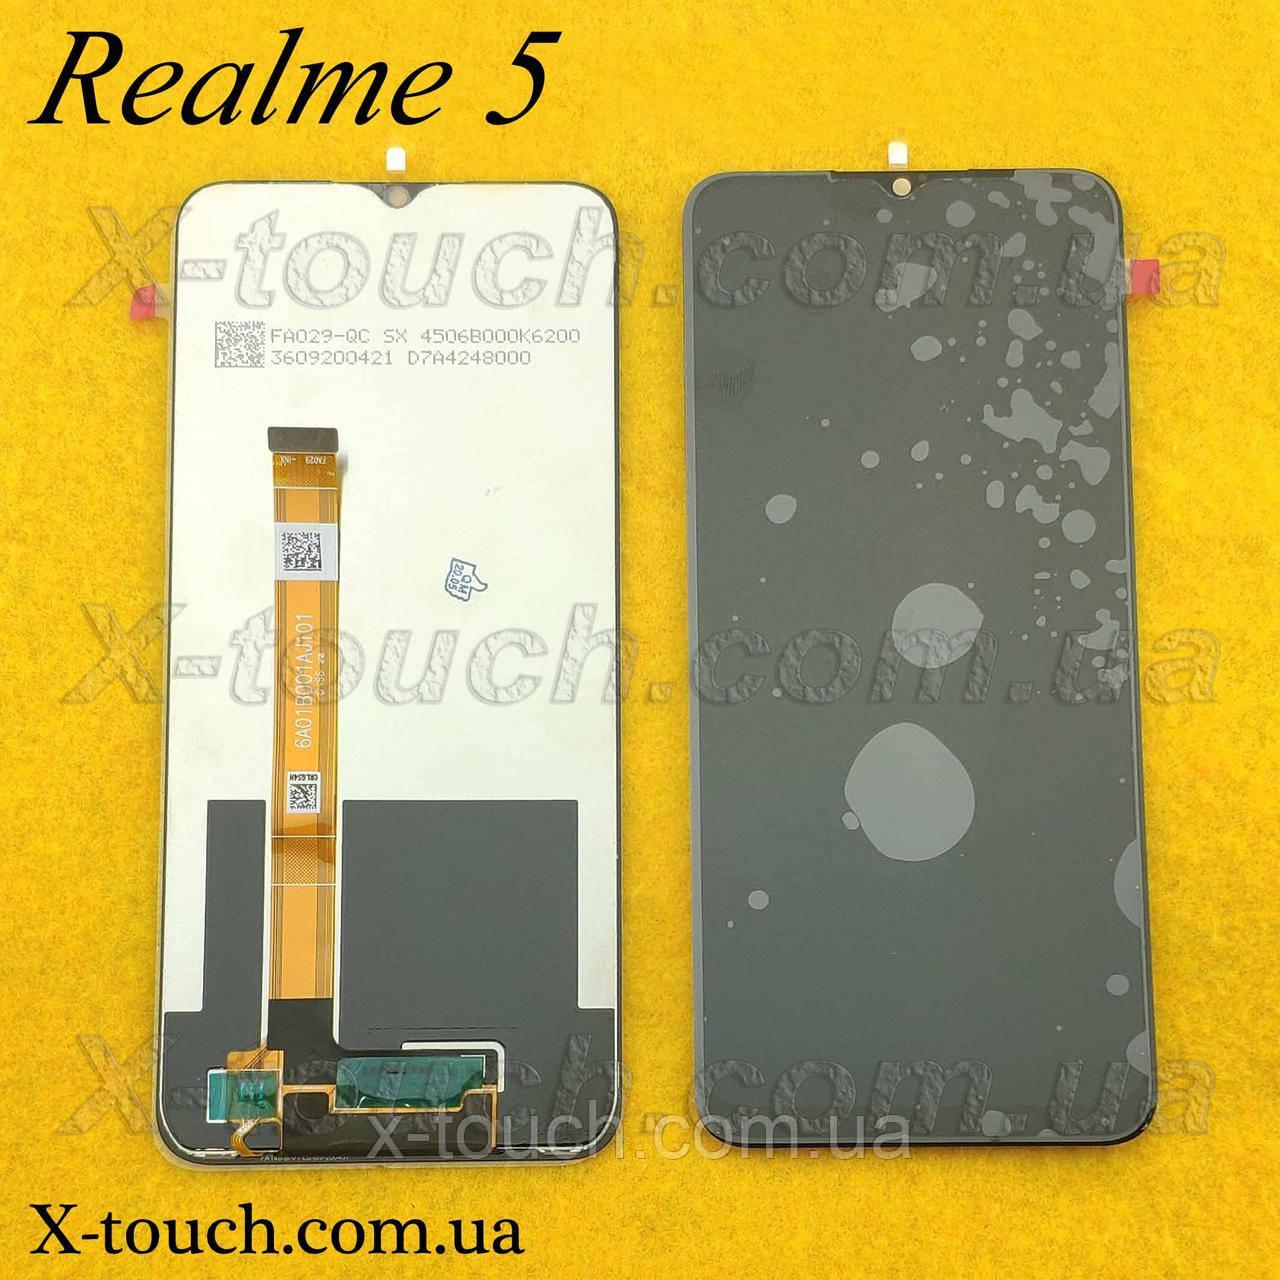 LCD для Realme 5 дисплейный модуль (дисплей + сенсор)